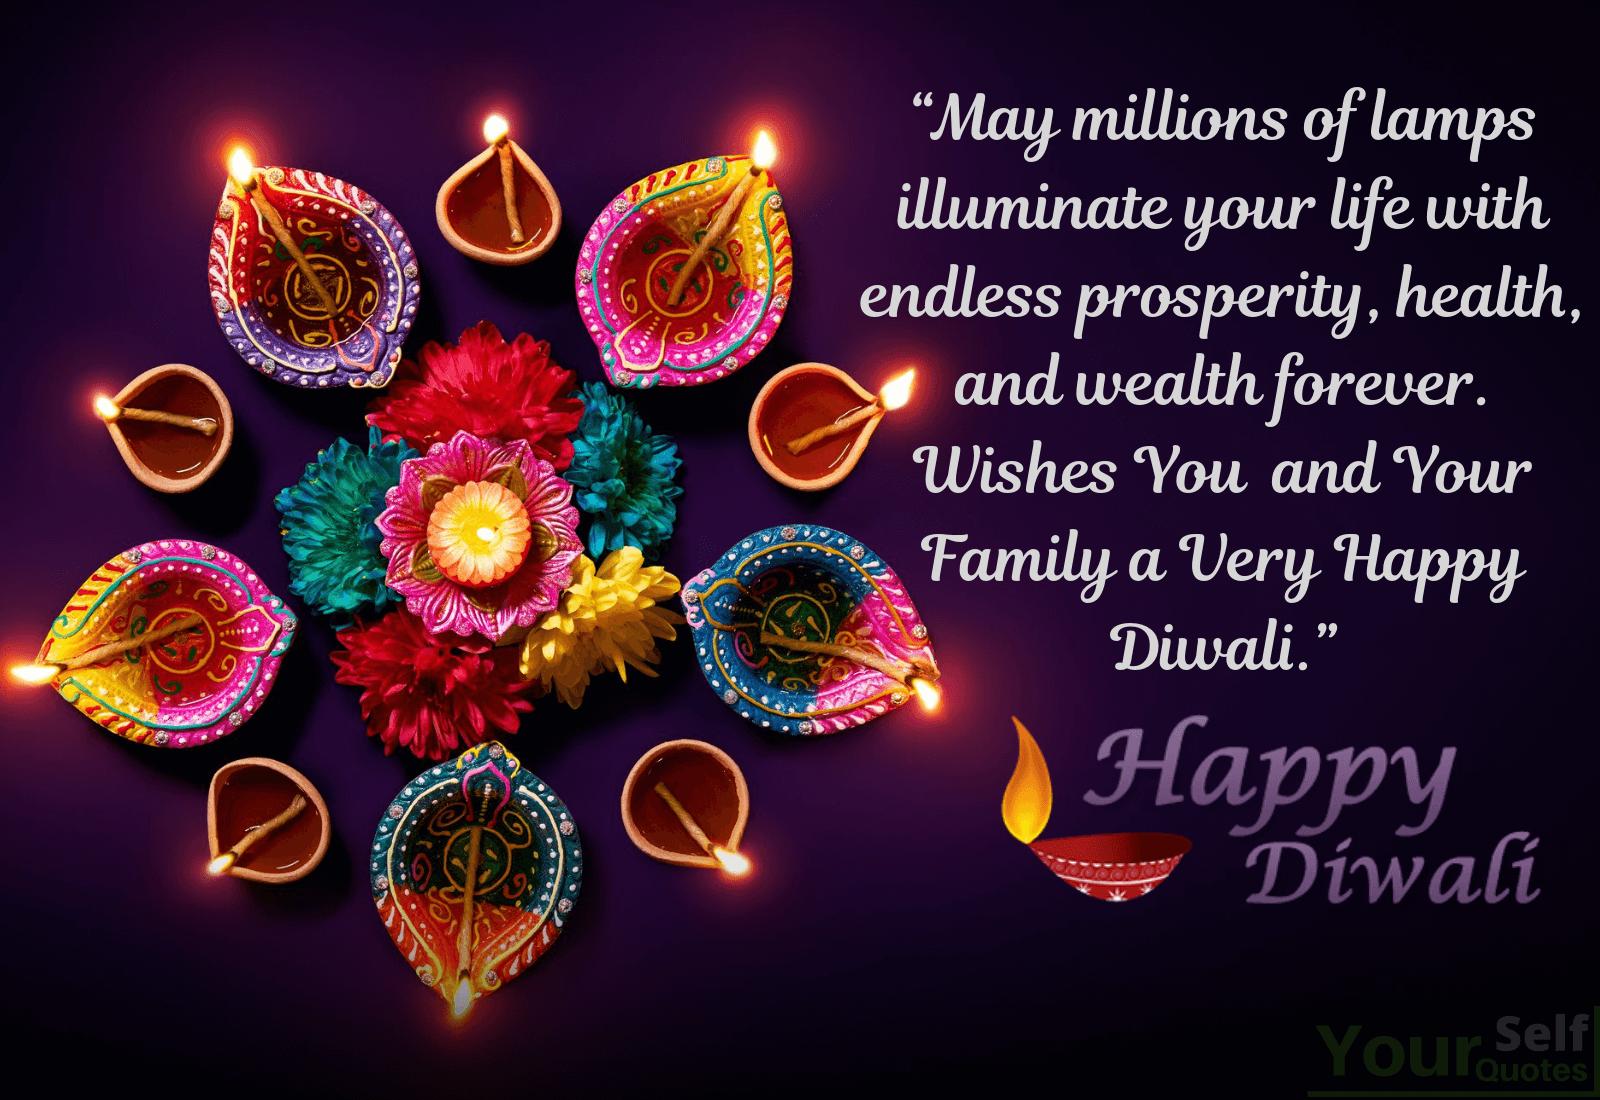 Diwali Greetings Quotes In Marathi Pinterest thumbnail